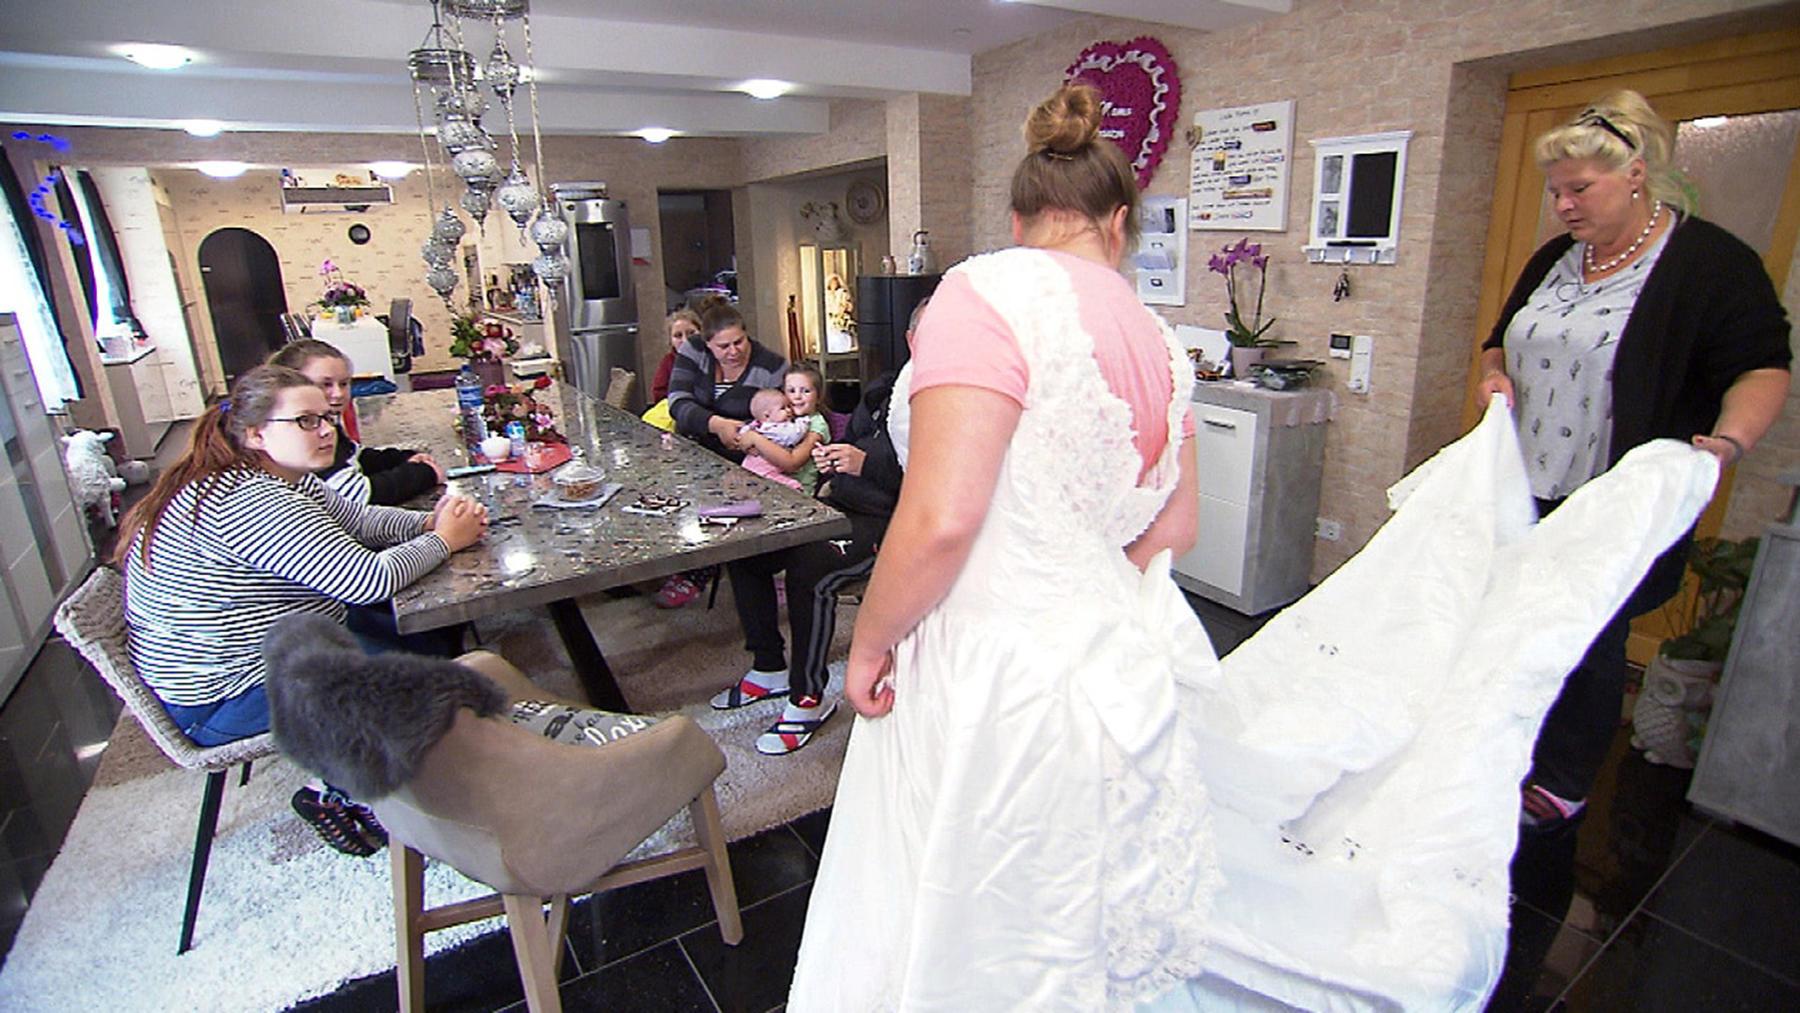 Hochzeits-Outfit muss her!, Ein